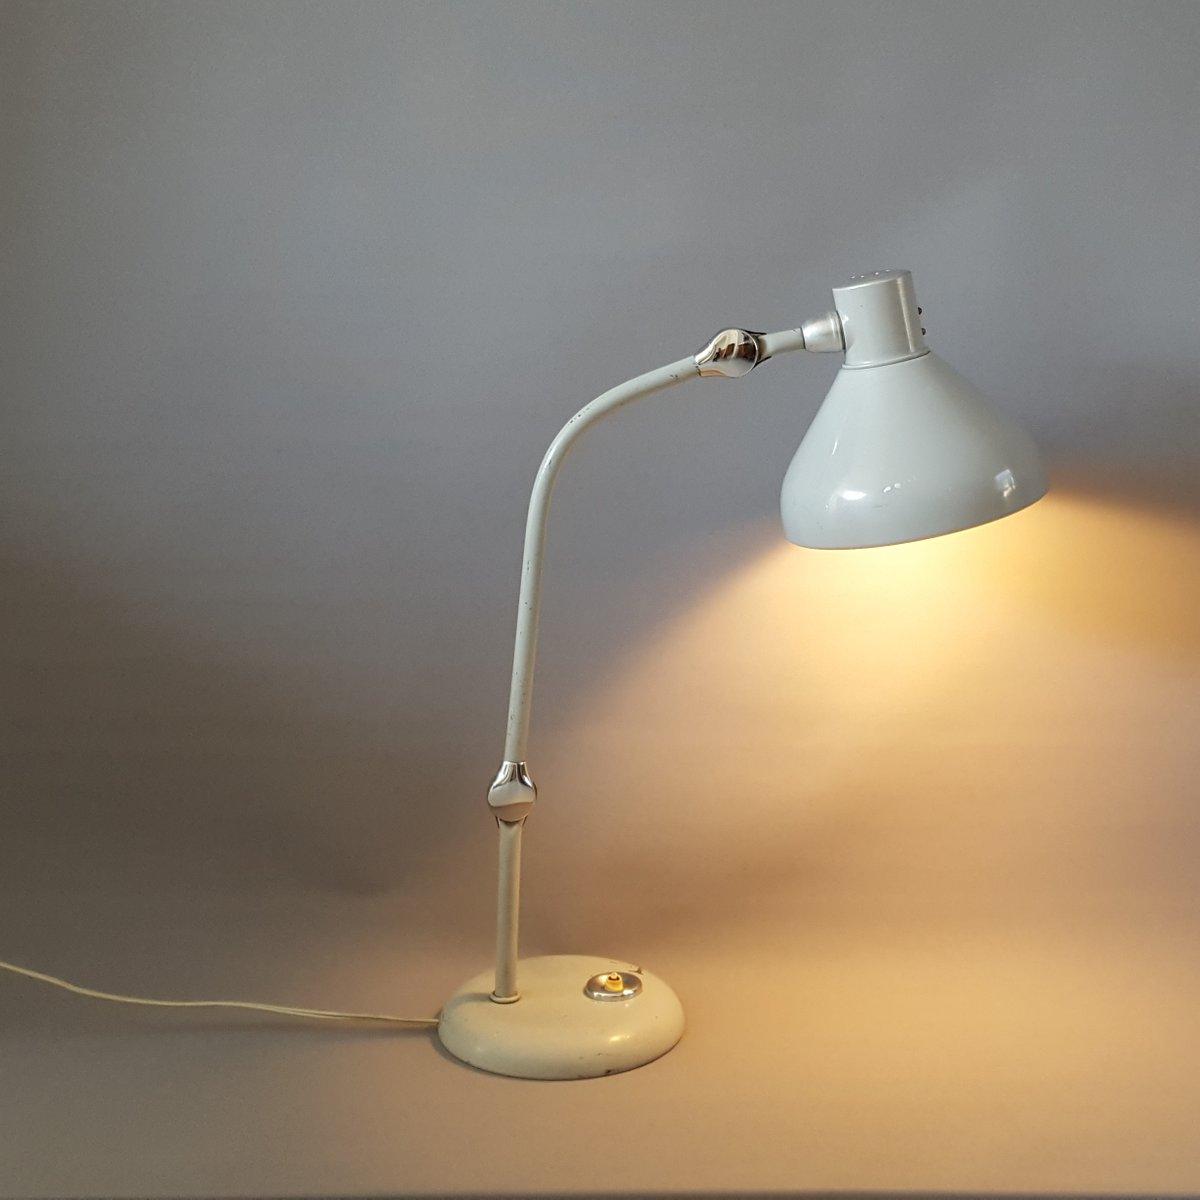 lampe de bureau vintage mod le gs1 de jumo en vente sur pamono. Black Bedroom Furniture Sets. Home Design Ideas